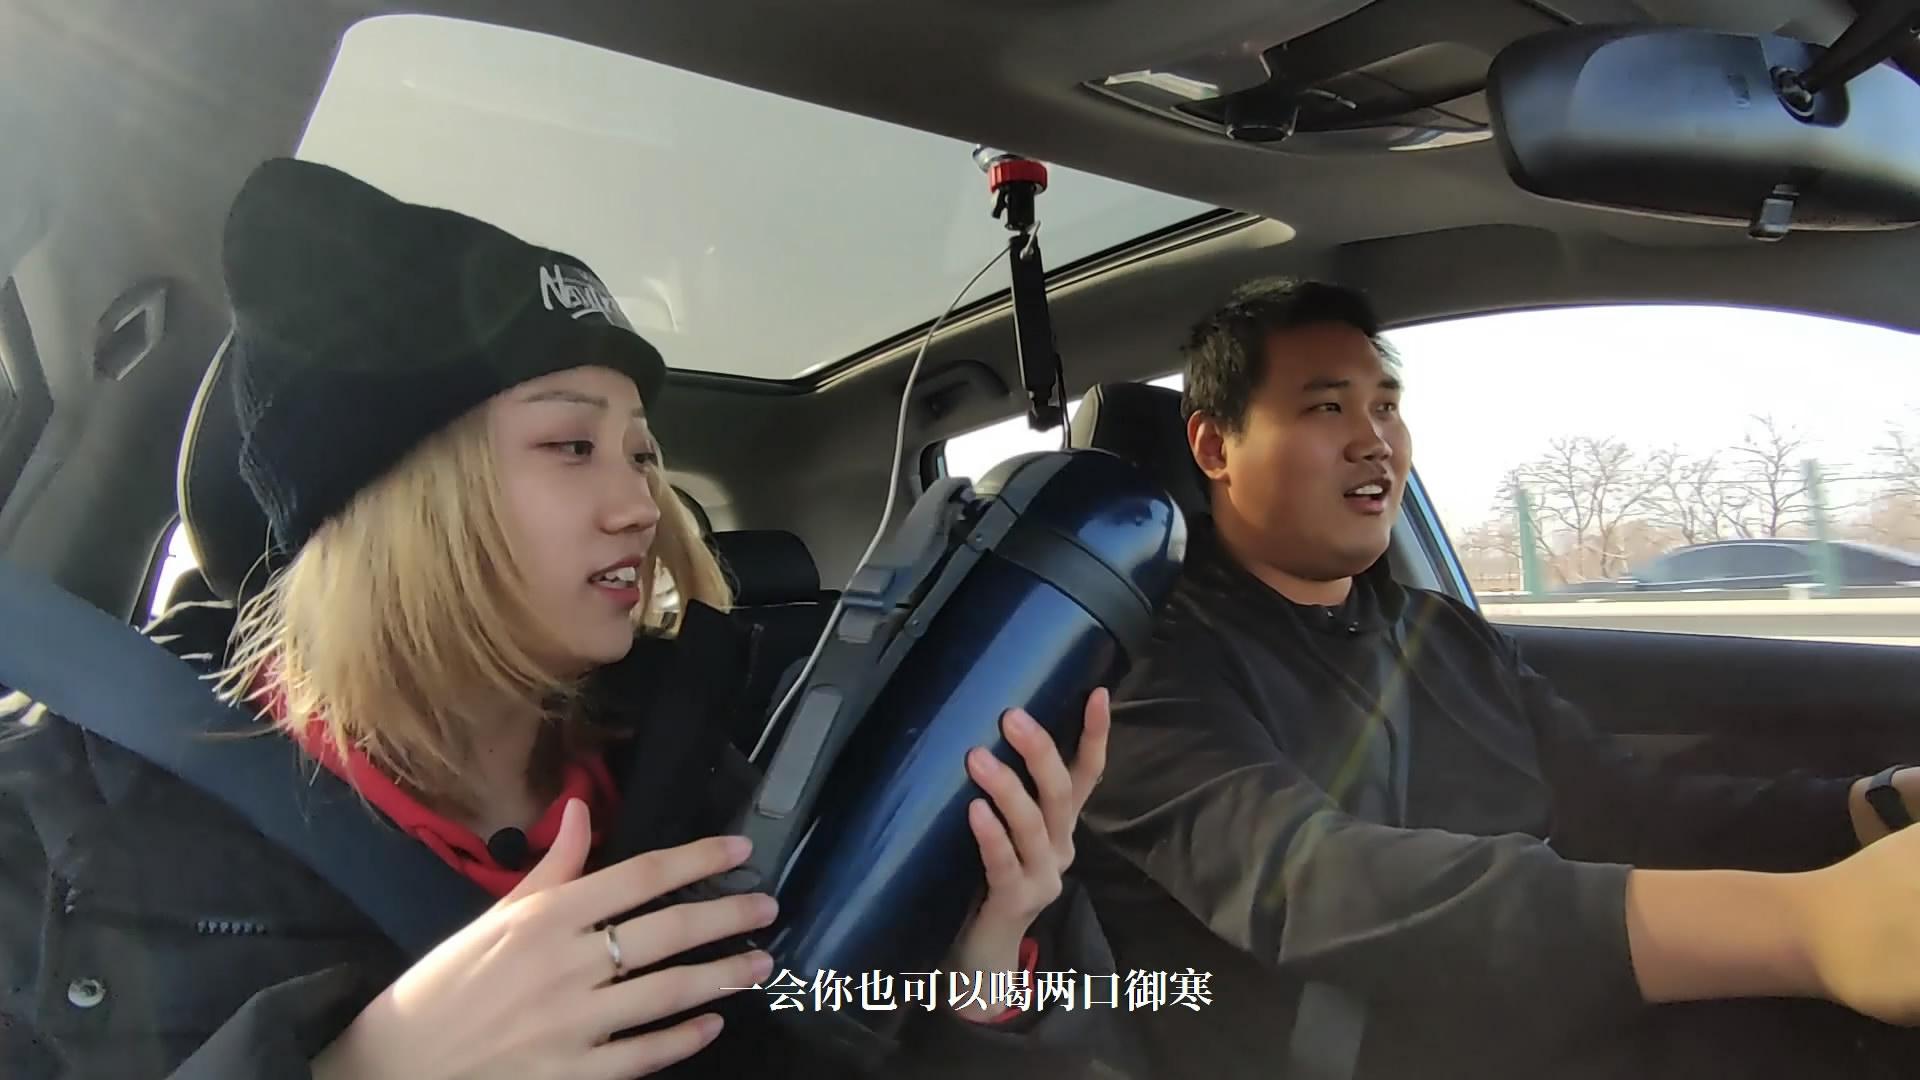 小姐姐体验电动汽车,怕趴窝自带神器